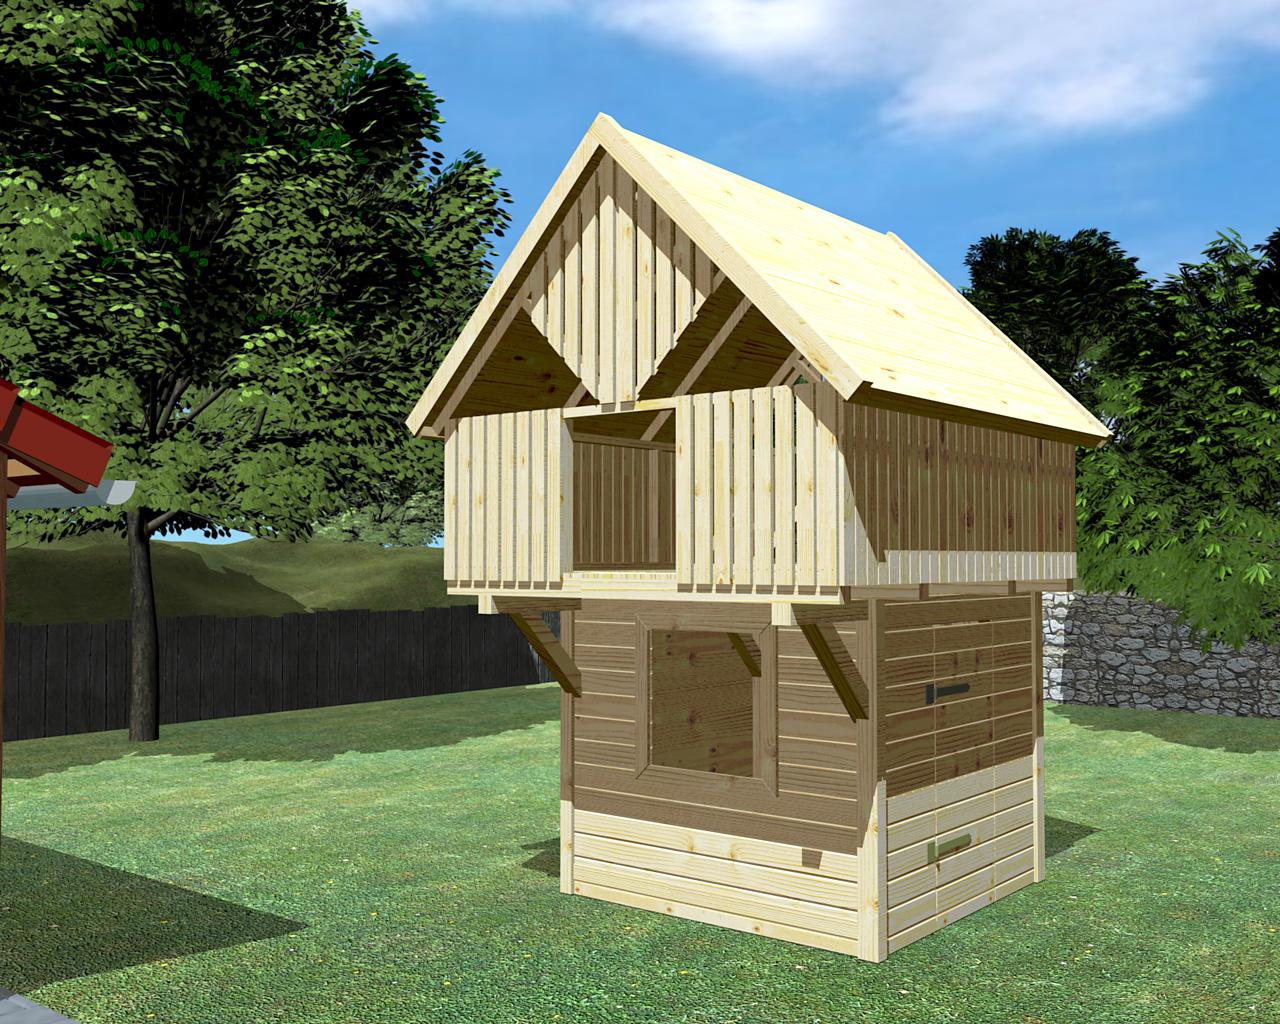 baumhaus auf stelzen oder unterbau modell 9 sonnenschein im onlineshop direkt vom hersteller. Black Bedroom Furniture Sets. Home Design Ideas